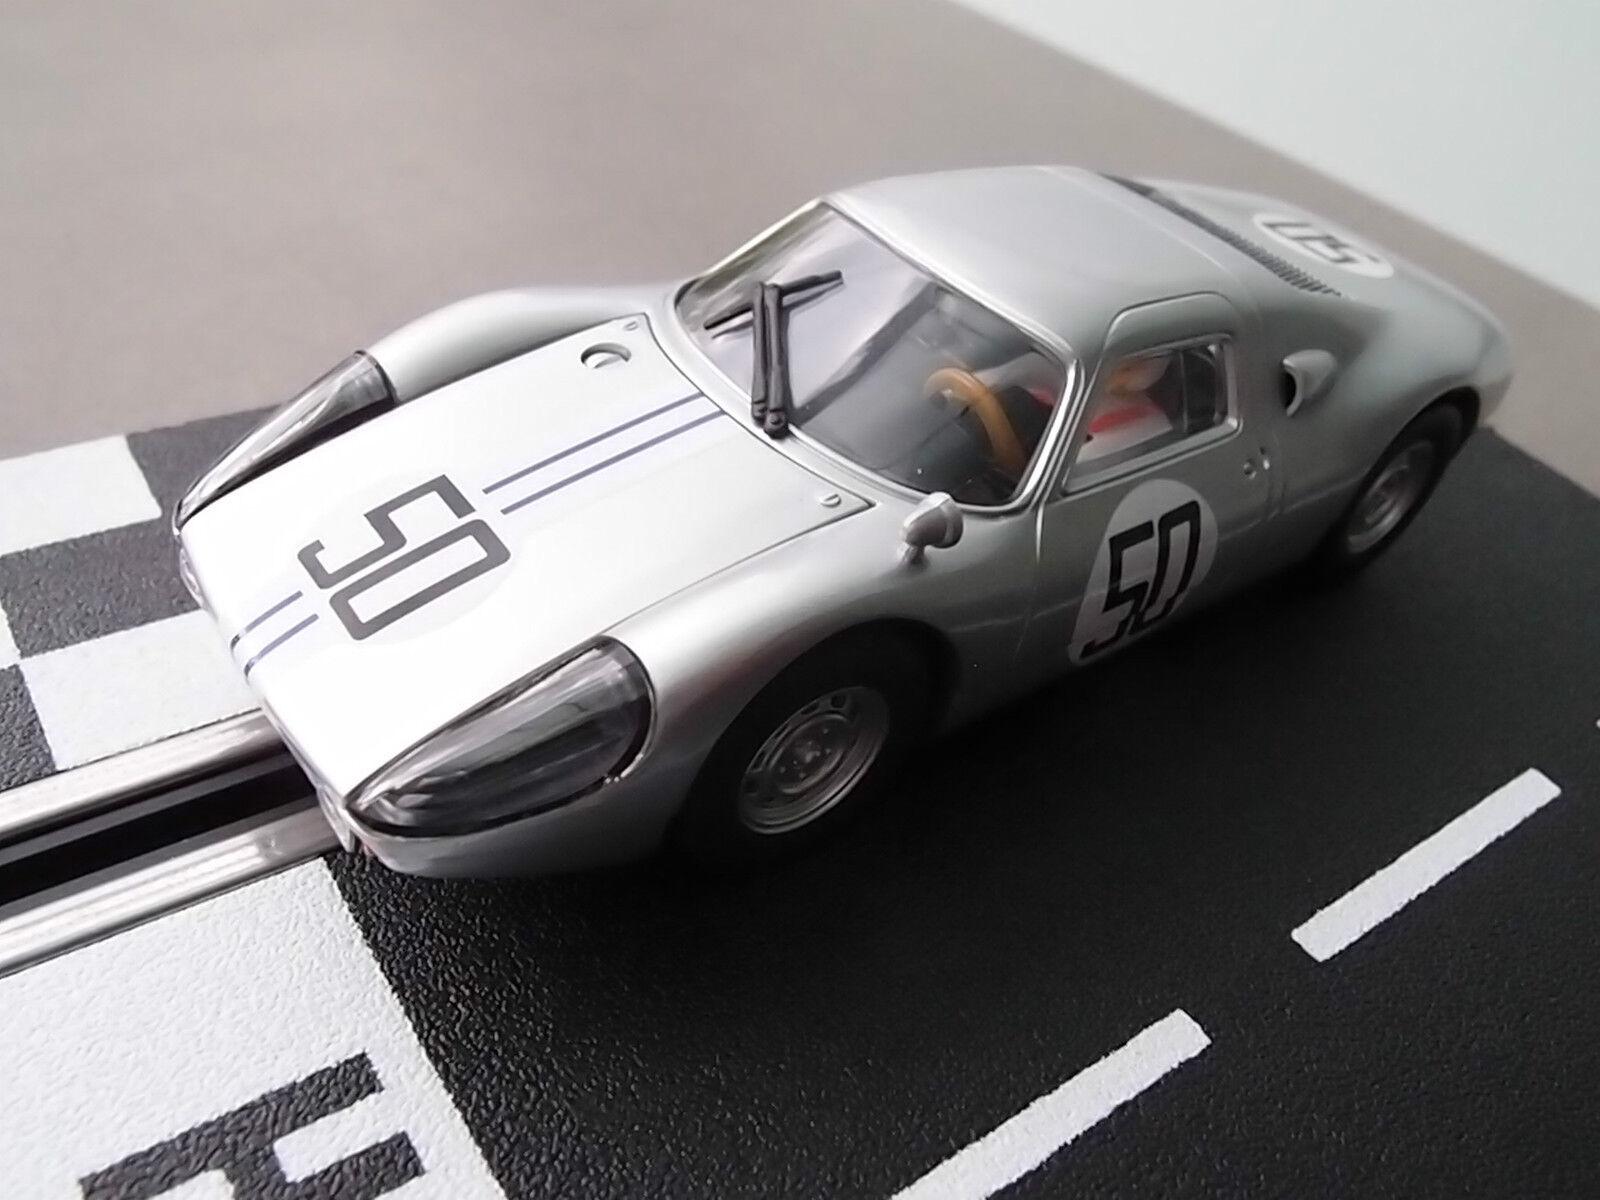 liquidazione autorera Digital 132 30663 Porsche GTS 904 904 904 modellolo specialeeee 50 Jahre Nuovo scatola  acquisti online